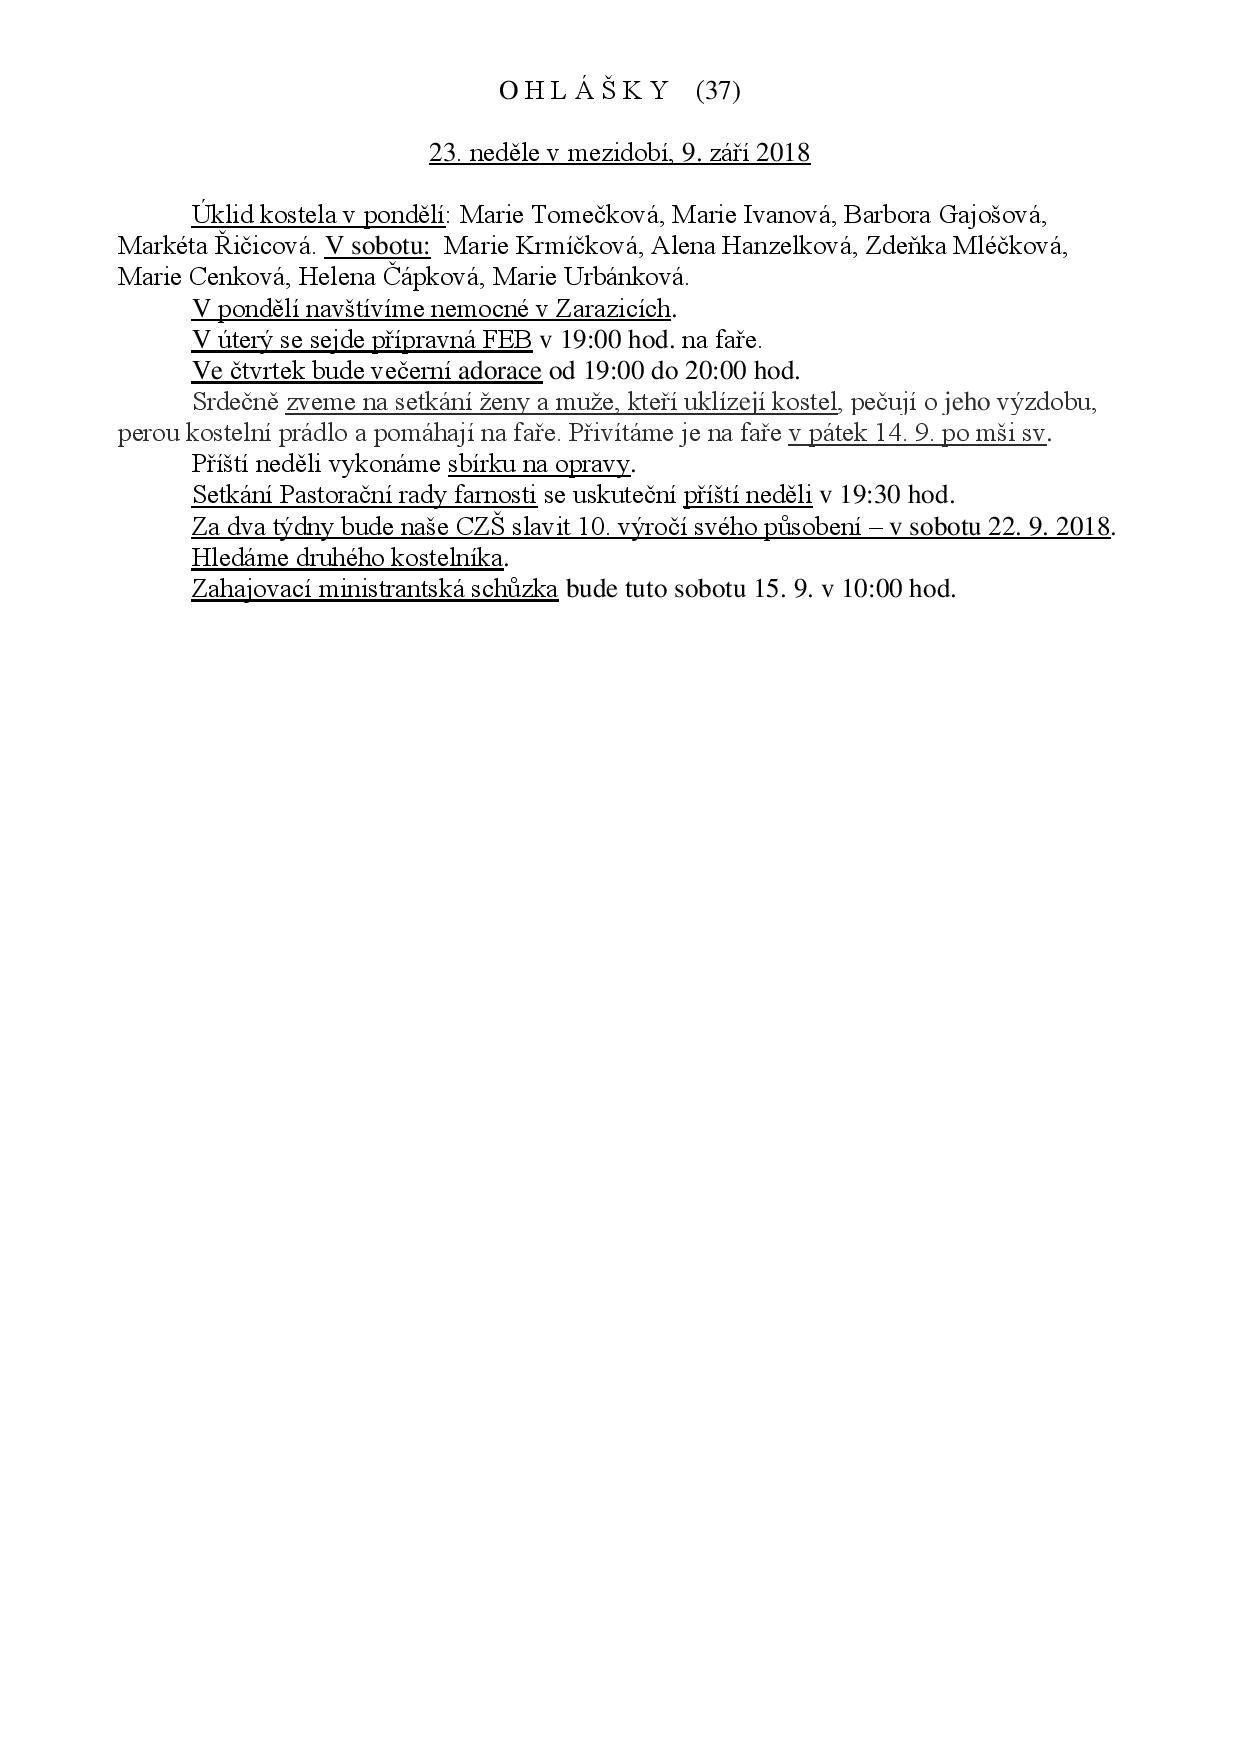 OHLÁŠKY 37 - 9. 9. 2018-page-001